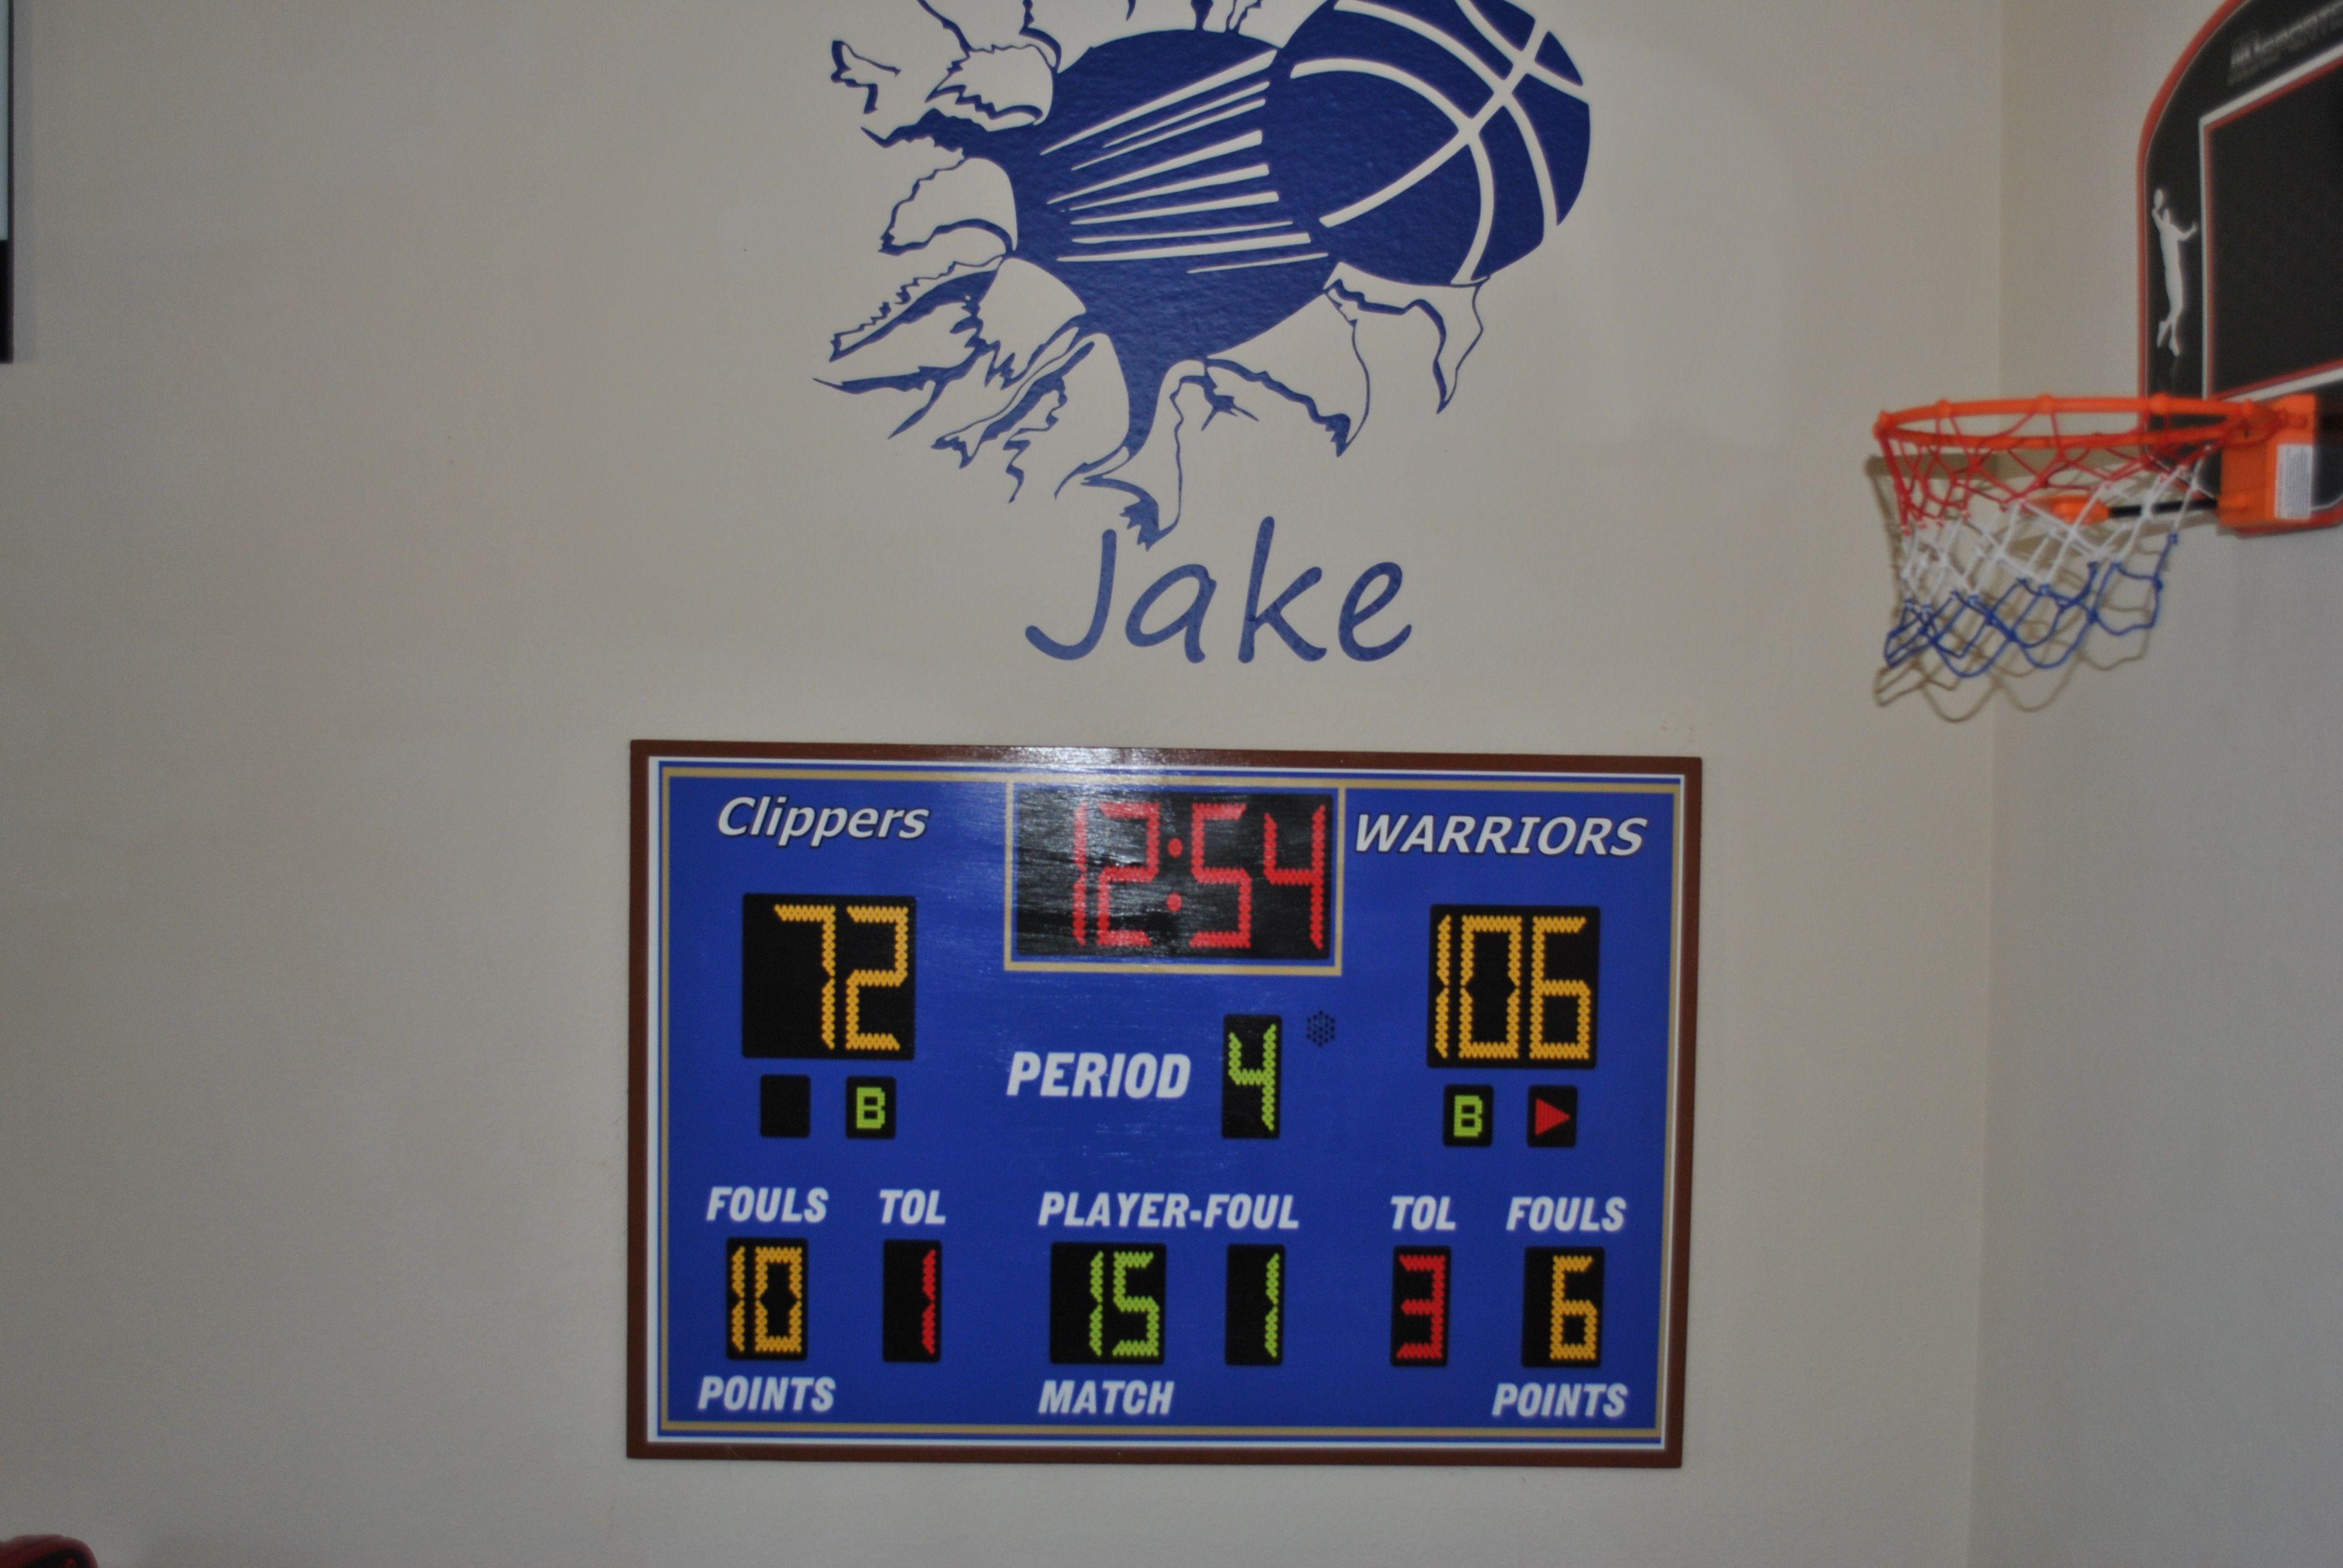 Golden State Warriors Bedroom Score Board Golden State Warriors Bedroom Basketball Room Basketball Bedroom